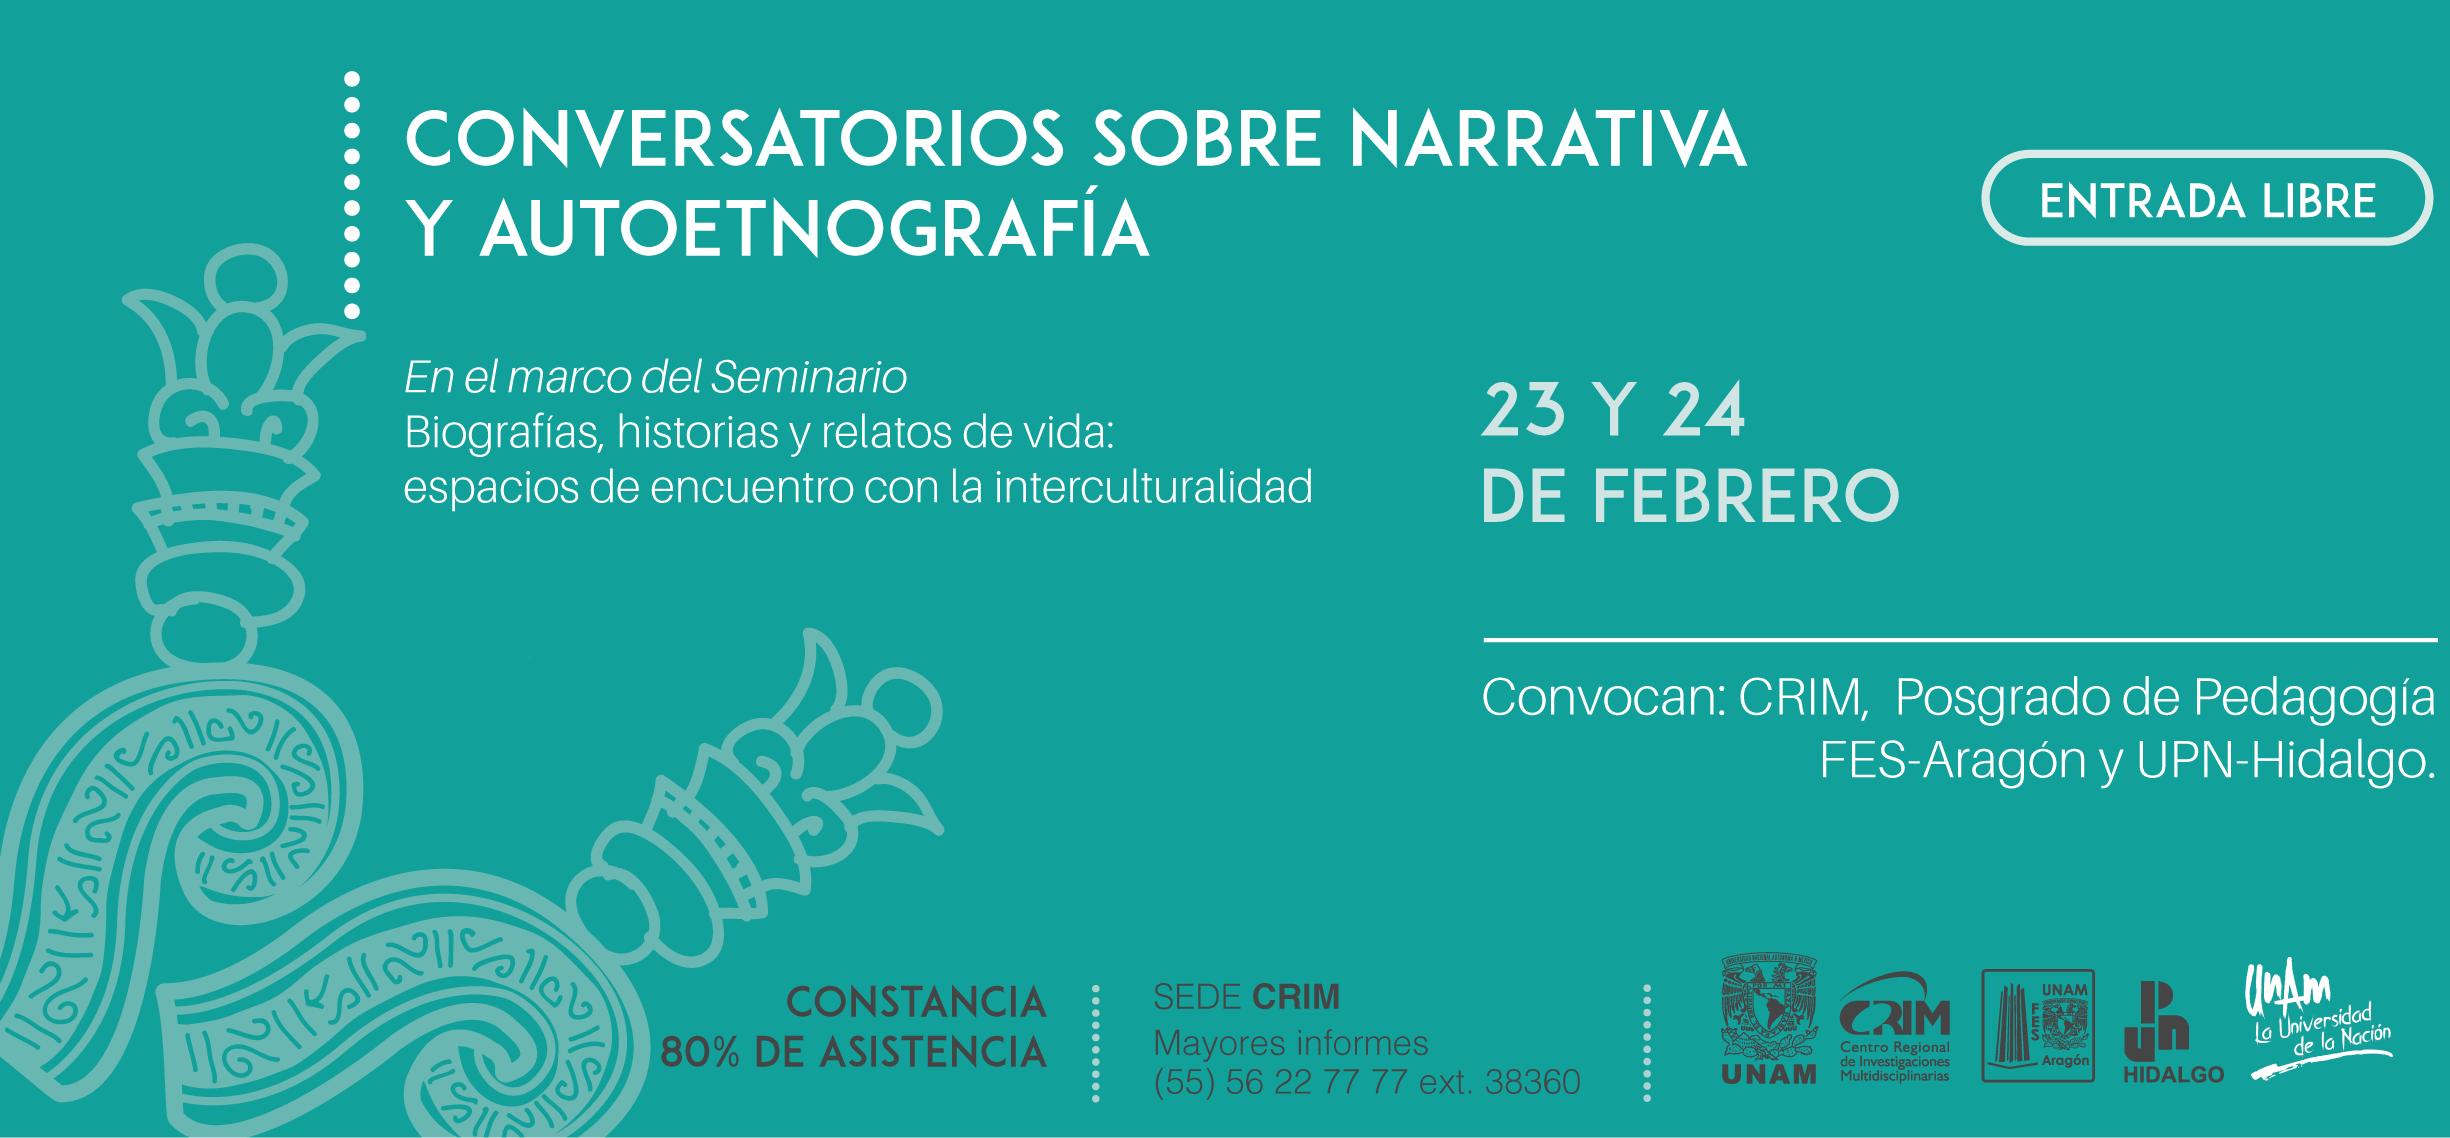 banner campus morelos conversatorios-01 (1)